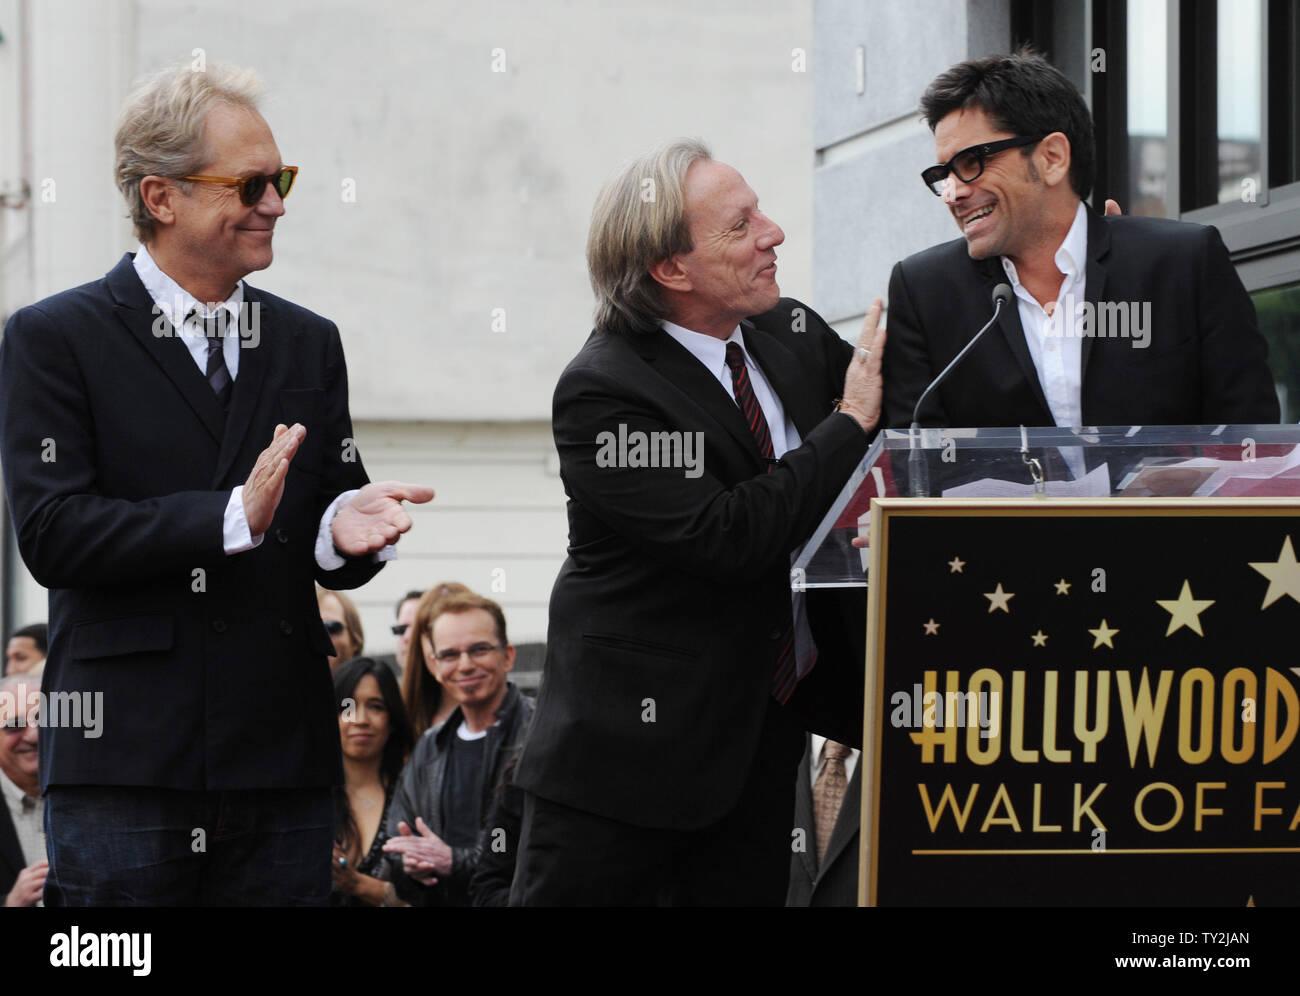 """Gerry Beckley (L) y Dewey Bunnell (C), los miembros del grupo de rock clásico y ganador de un premio Grammy, """"el dúo América, reaccionar a las observaciones formuladas por el actor John Stamos (R) durante una ceremonia en honor a ellos con el 2,459th estrella en el Paseo de la Fama de Hollywood en Los Angeles el 6 de febrero de 2012. UPI/Jim Ruymen Imagen De Stock"""